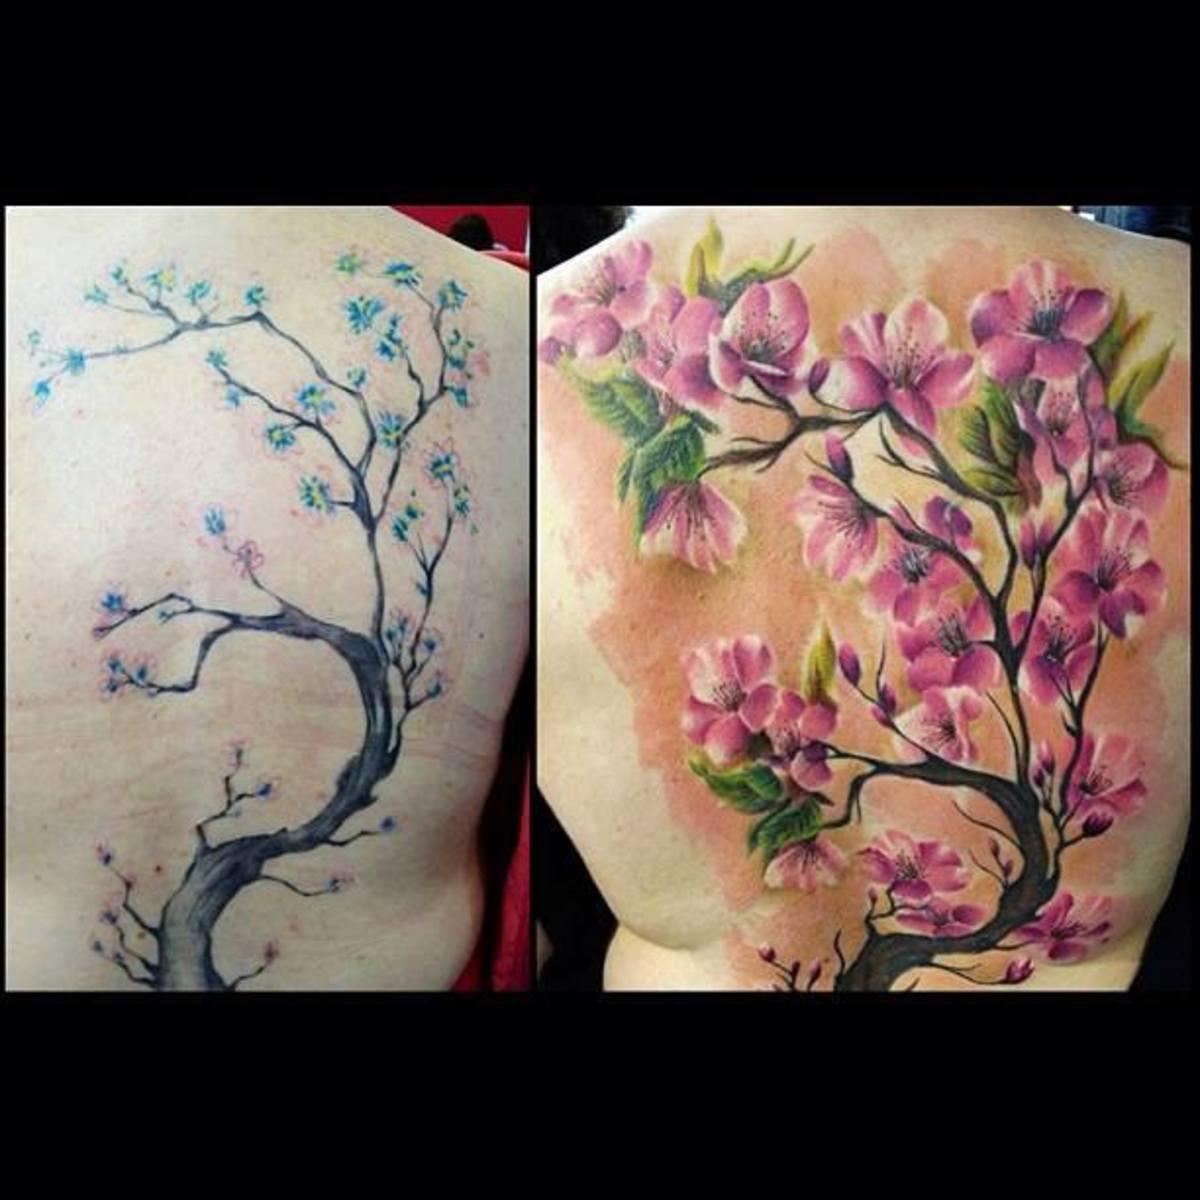 Tree tattoo reworked